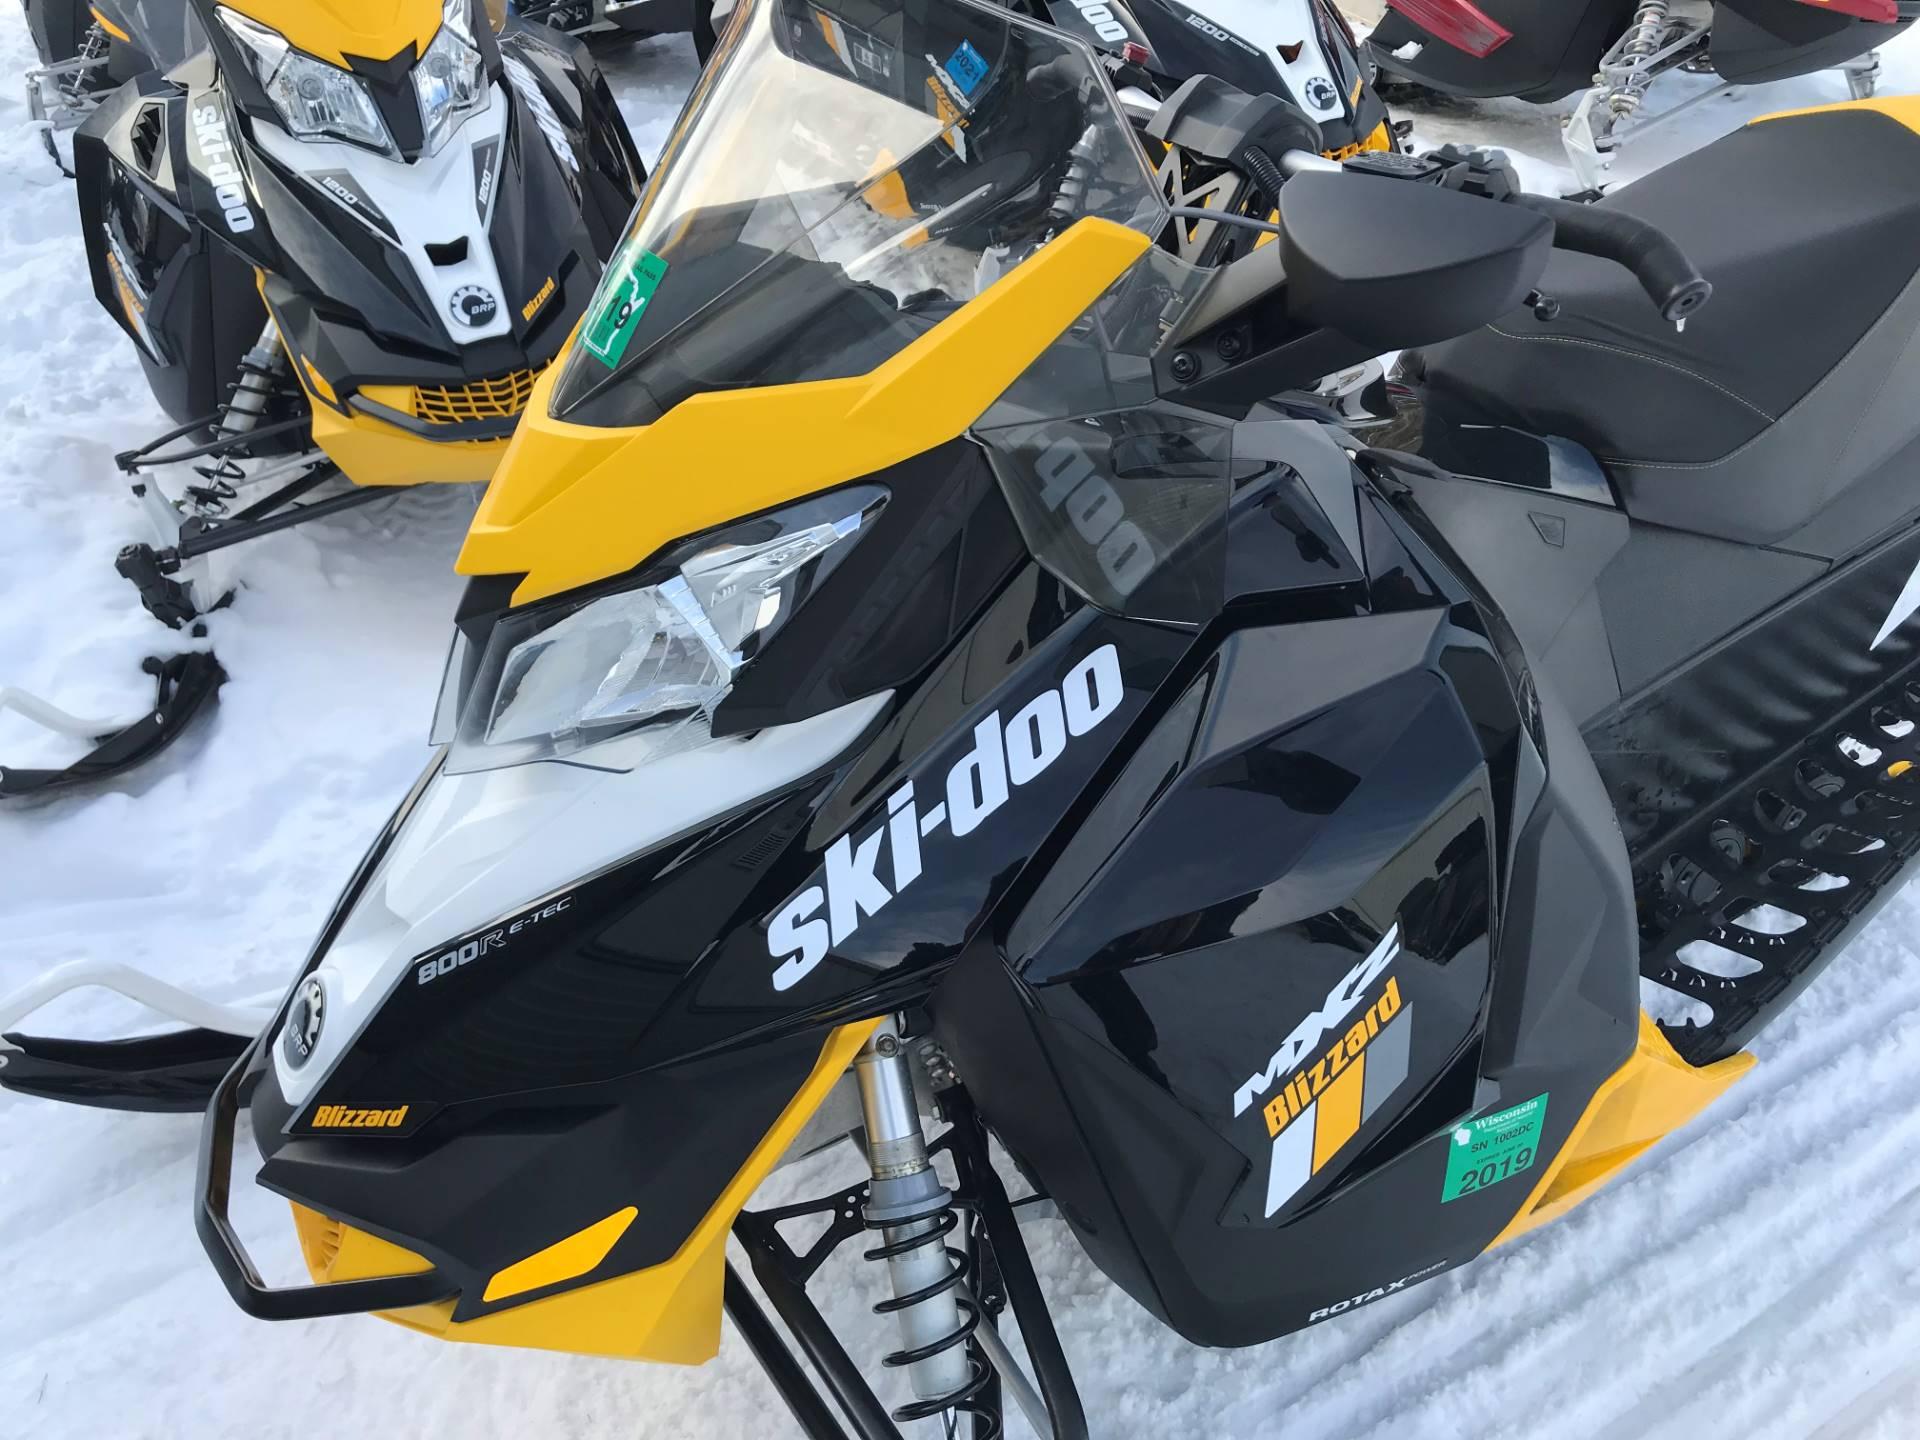 2016 Ski Doo Mx Z Blizzard 800r E Tec S In Woodruff Wisconsin